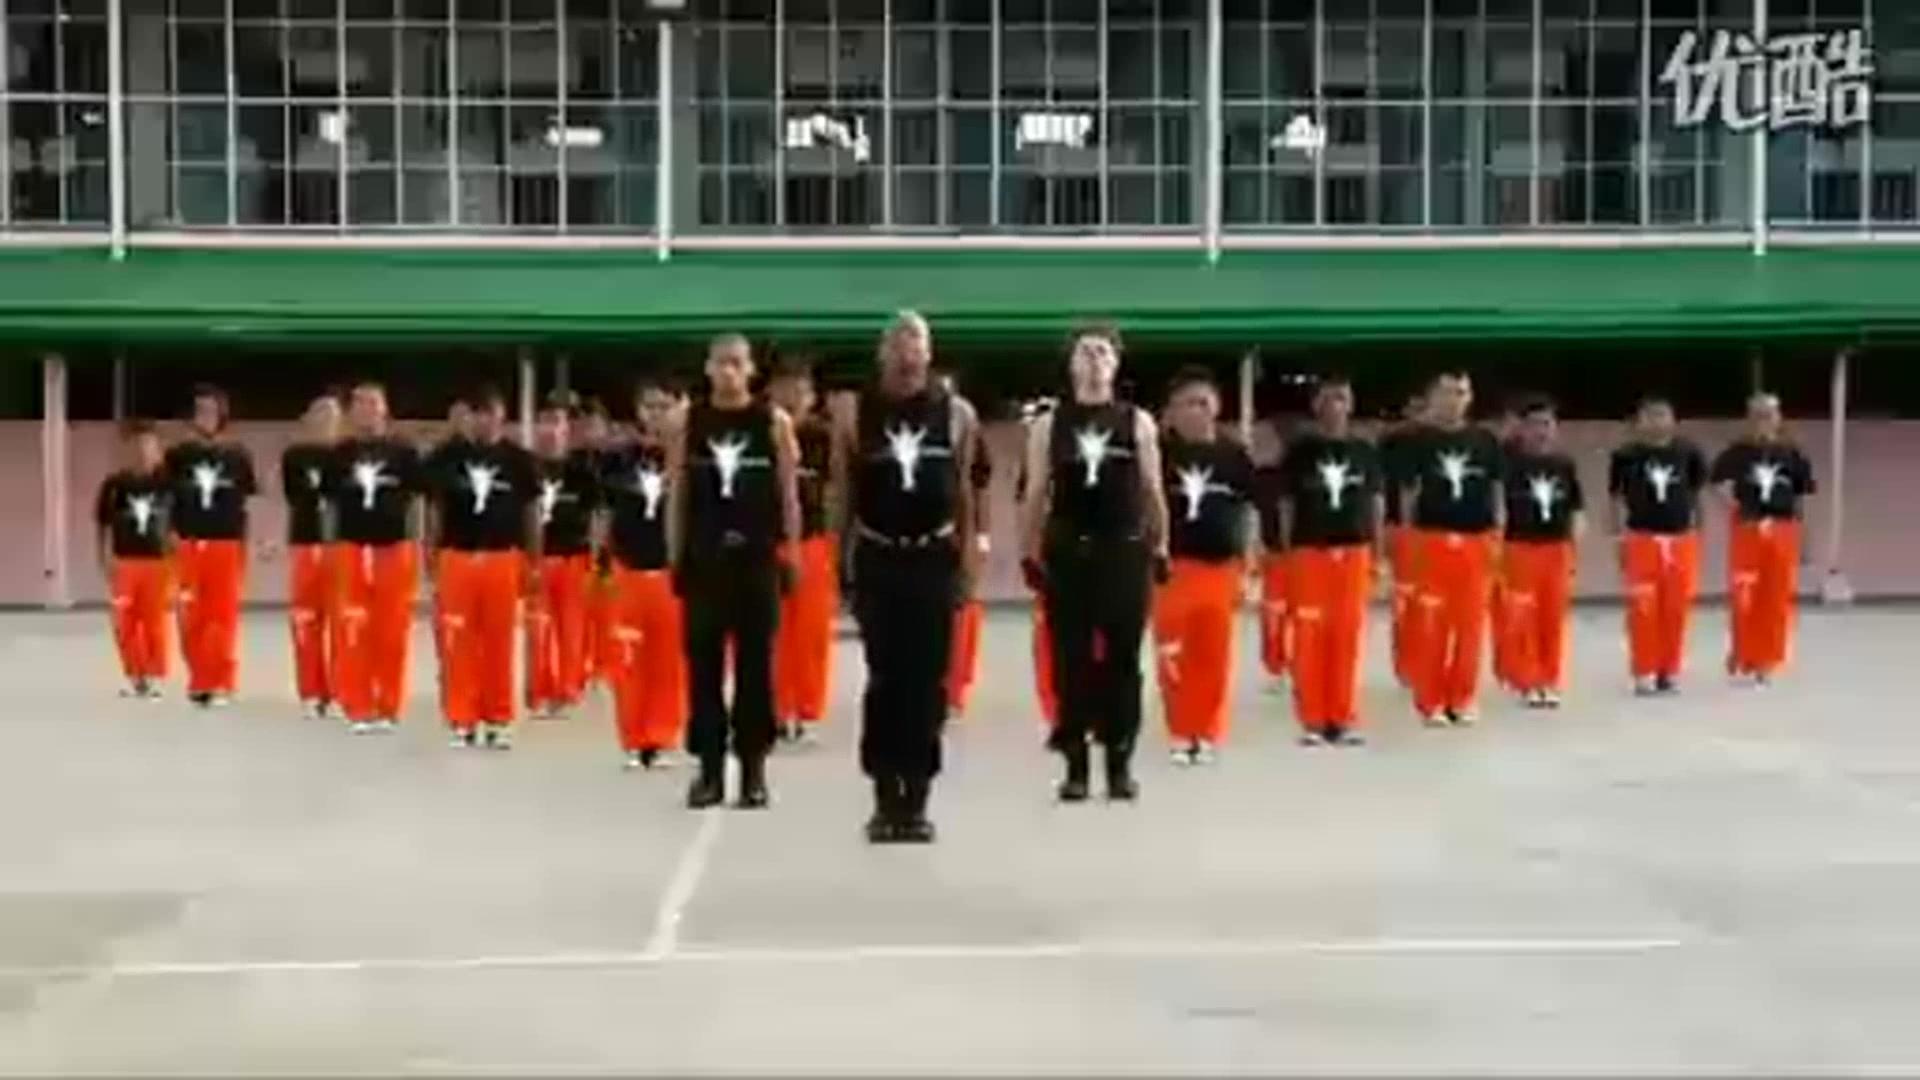 精典!震撼!菲律宾500名囚犯大跳天王迈克尔杰克逊MJ经典单曲!_标清